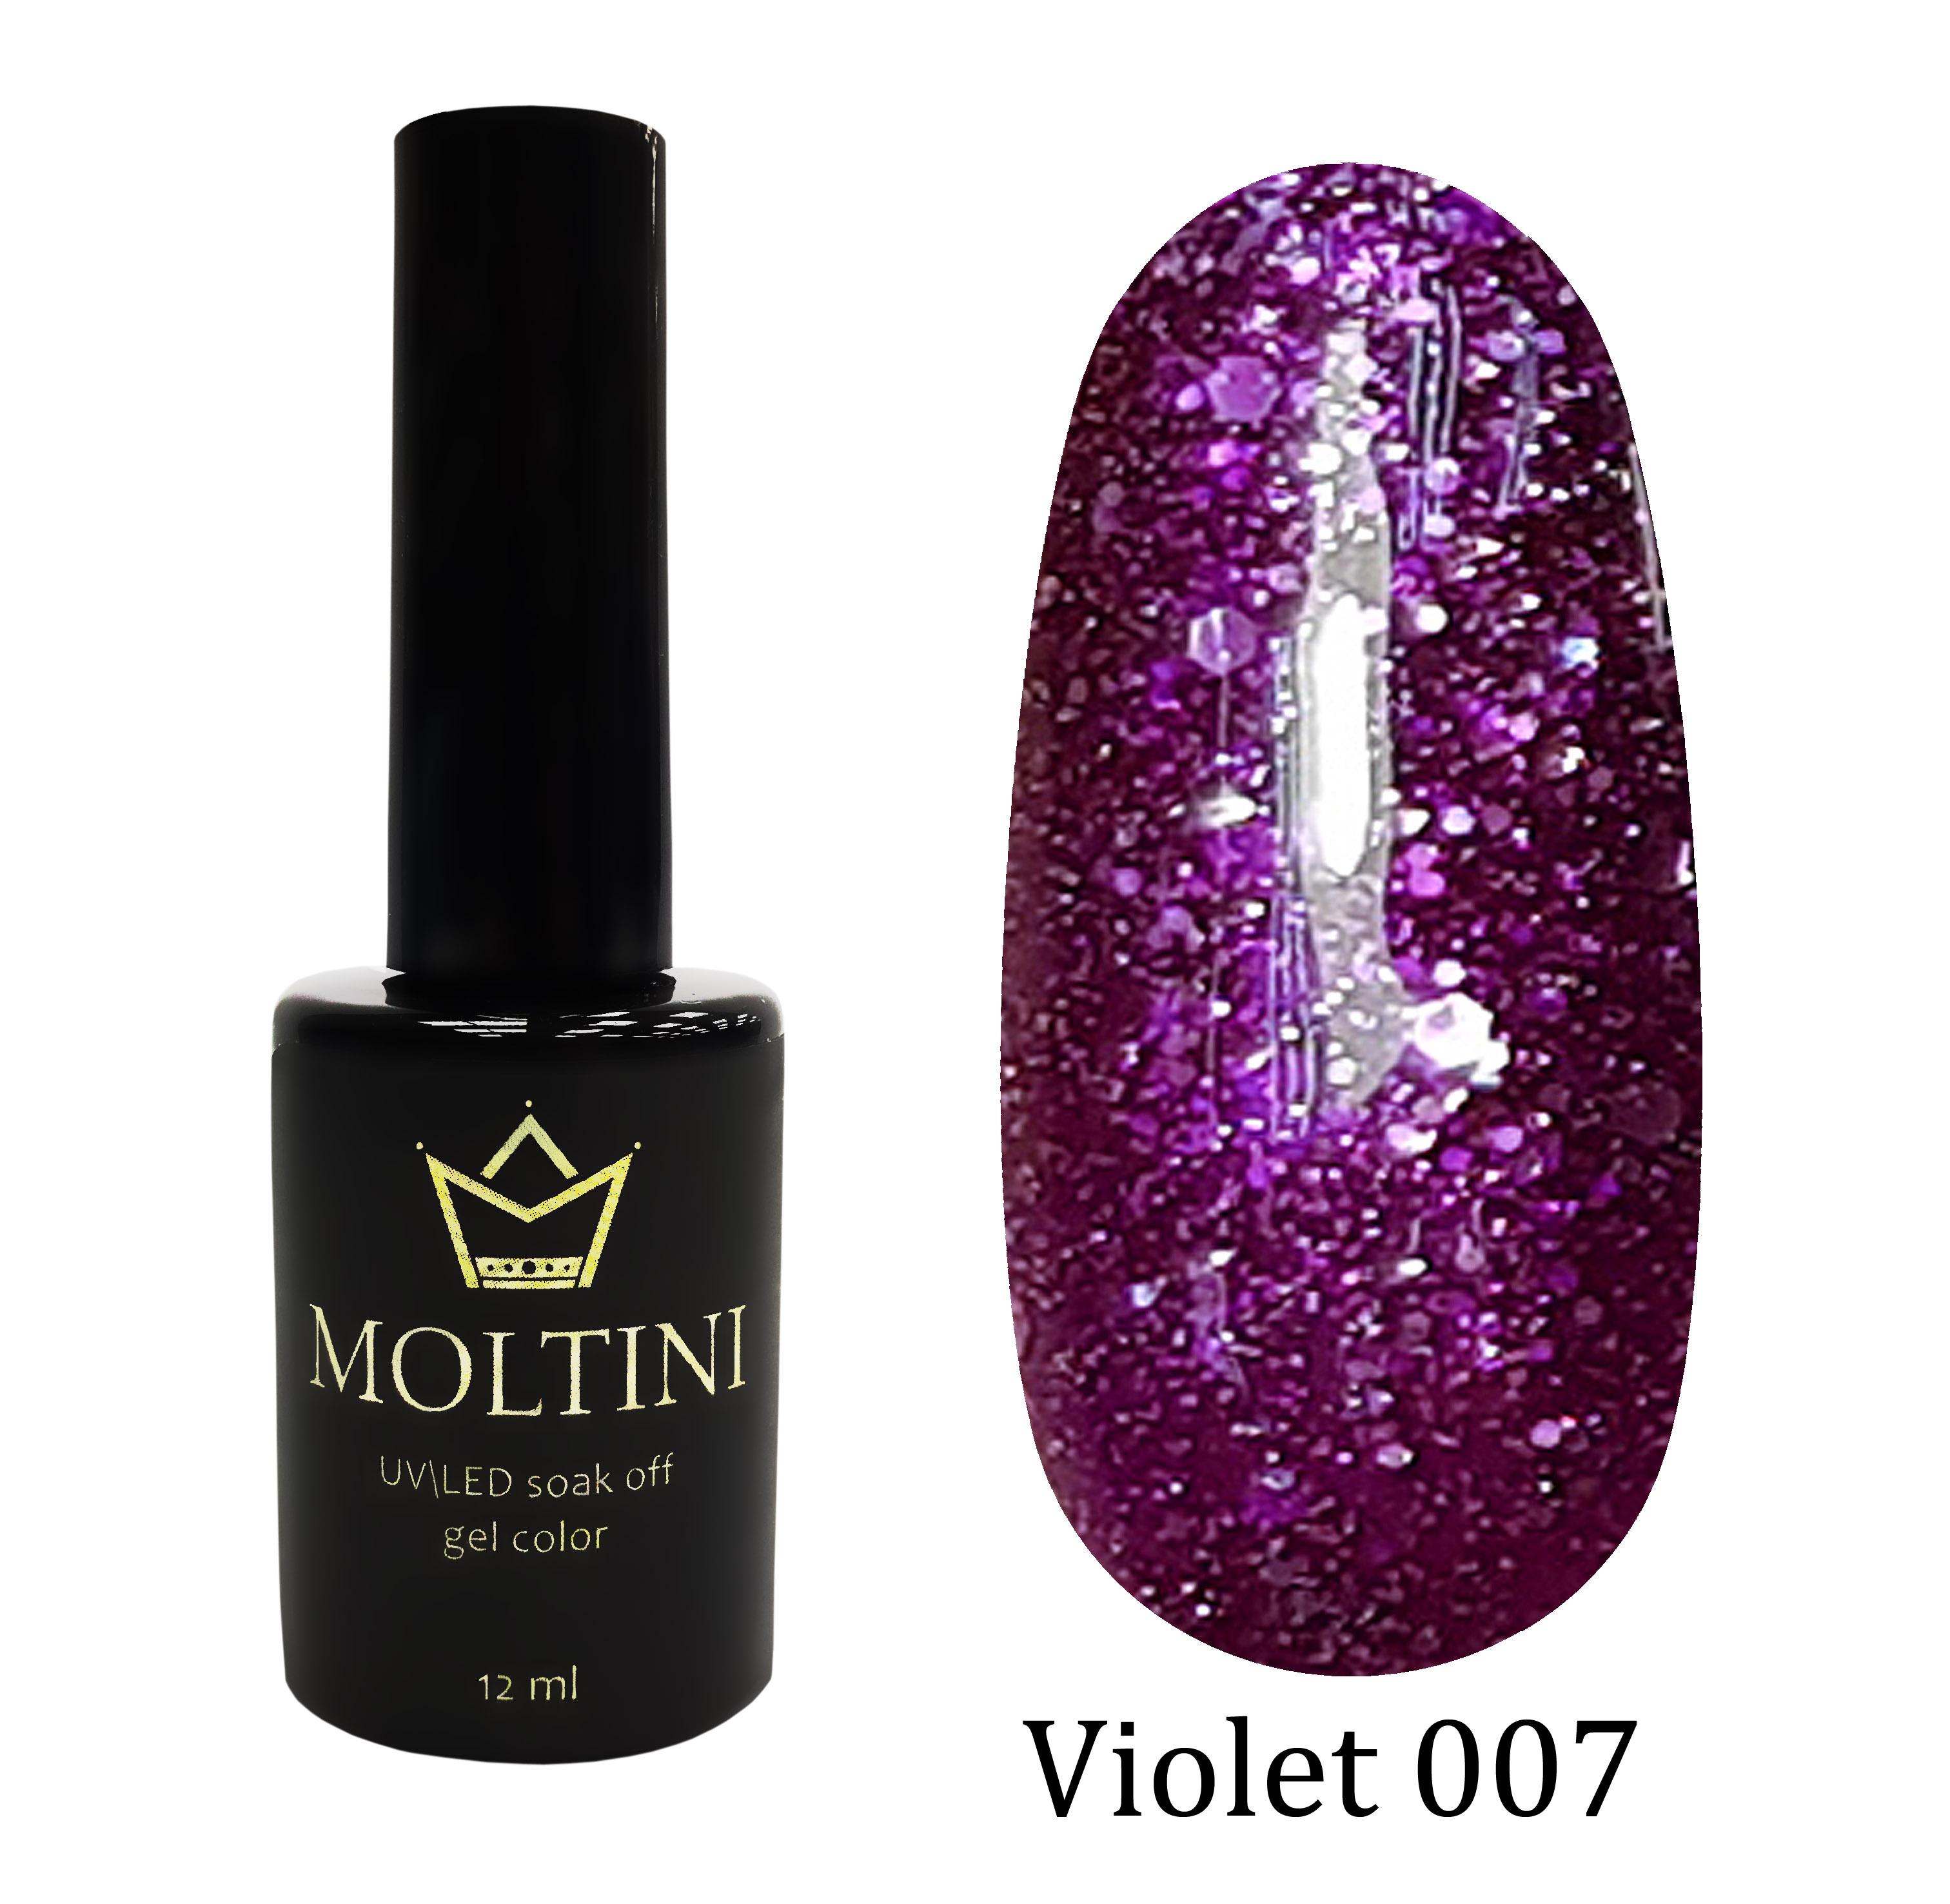 Гель-лак Moltini Violet 007, 12 ml